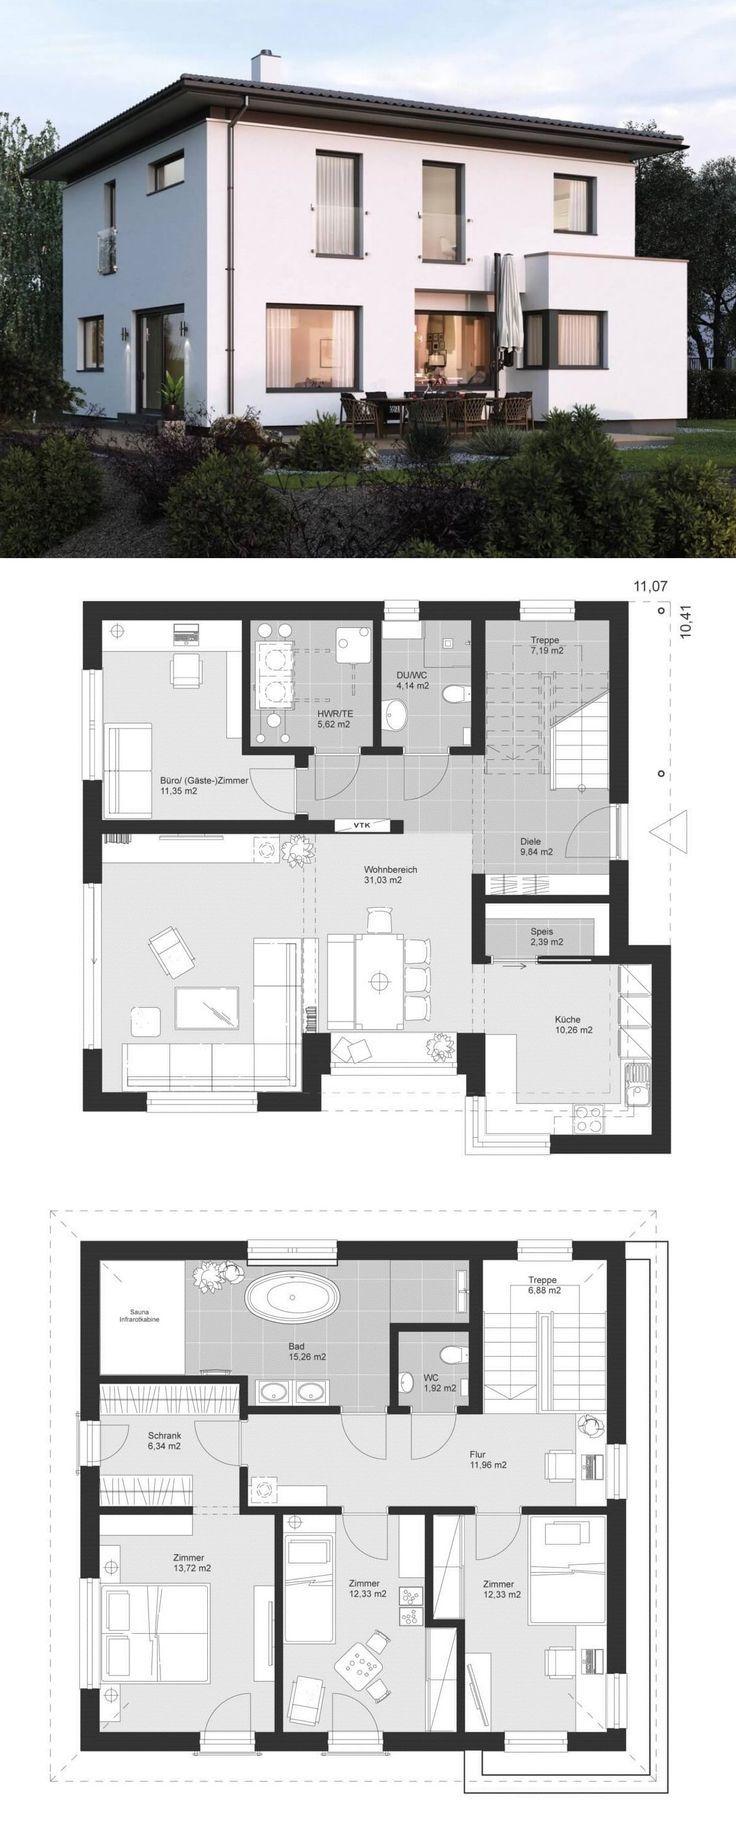 Plan d'une villa de ville moderne, architecture classique avec toit en croupe et culture …